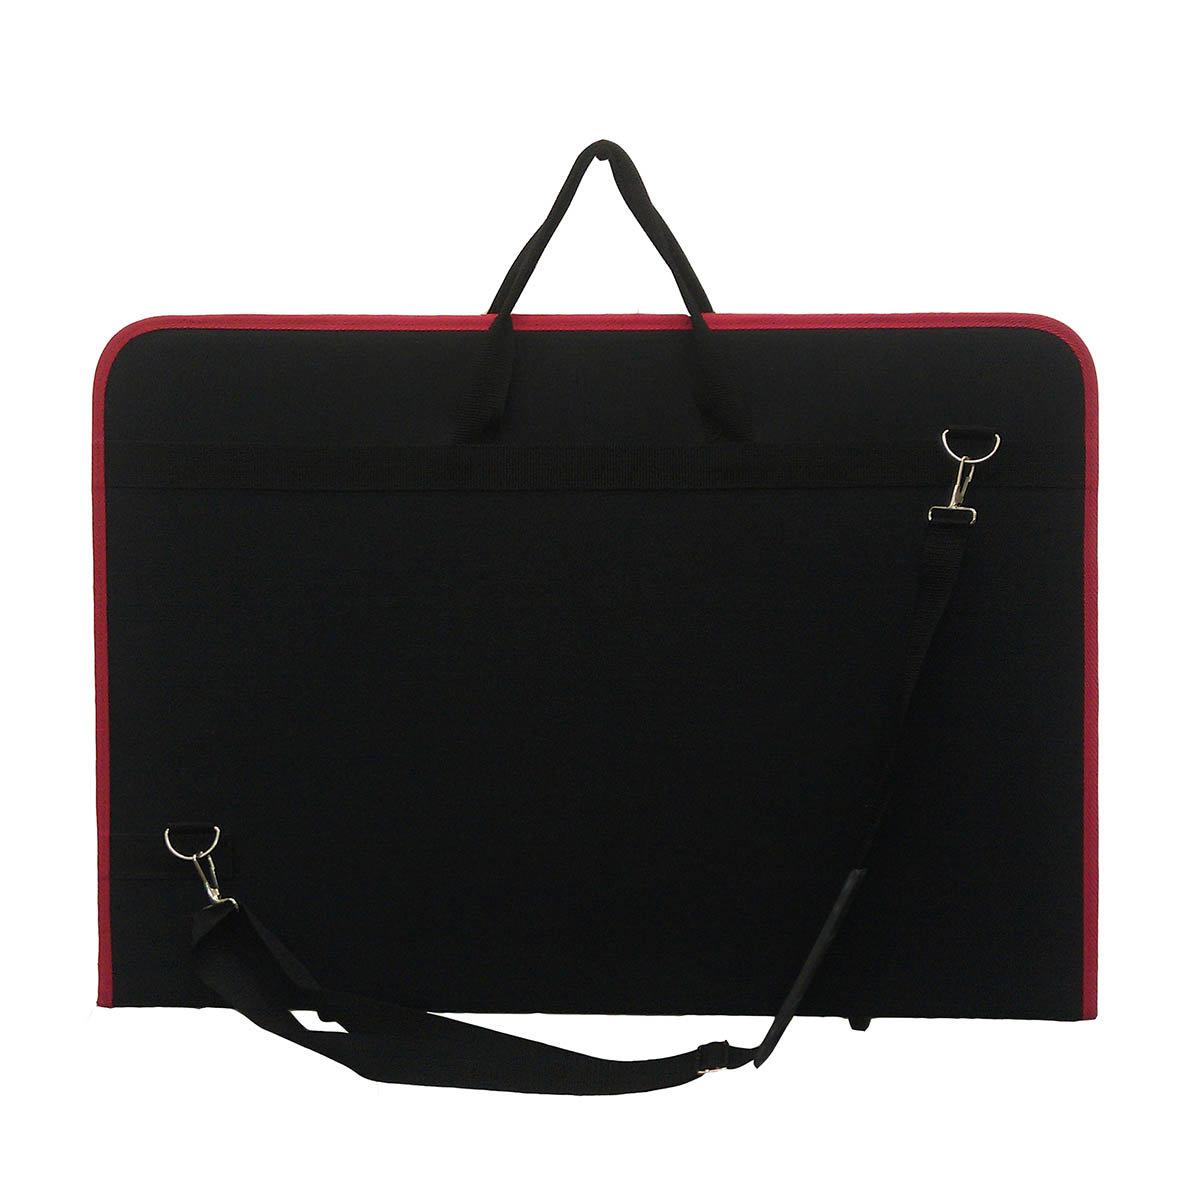 Рюкзак художника 50х35х17см ткань черный купить по цене 1